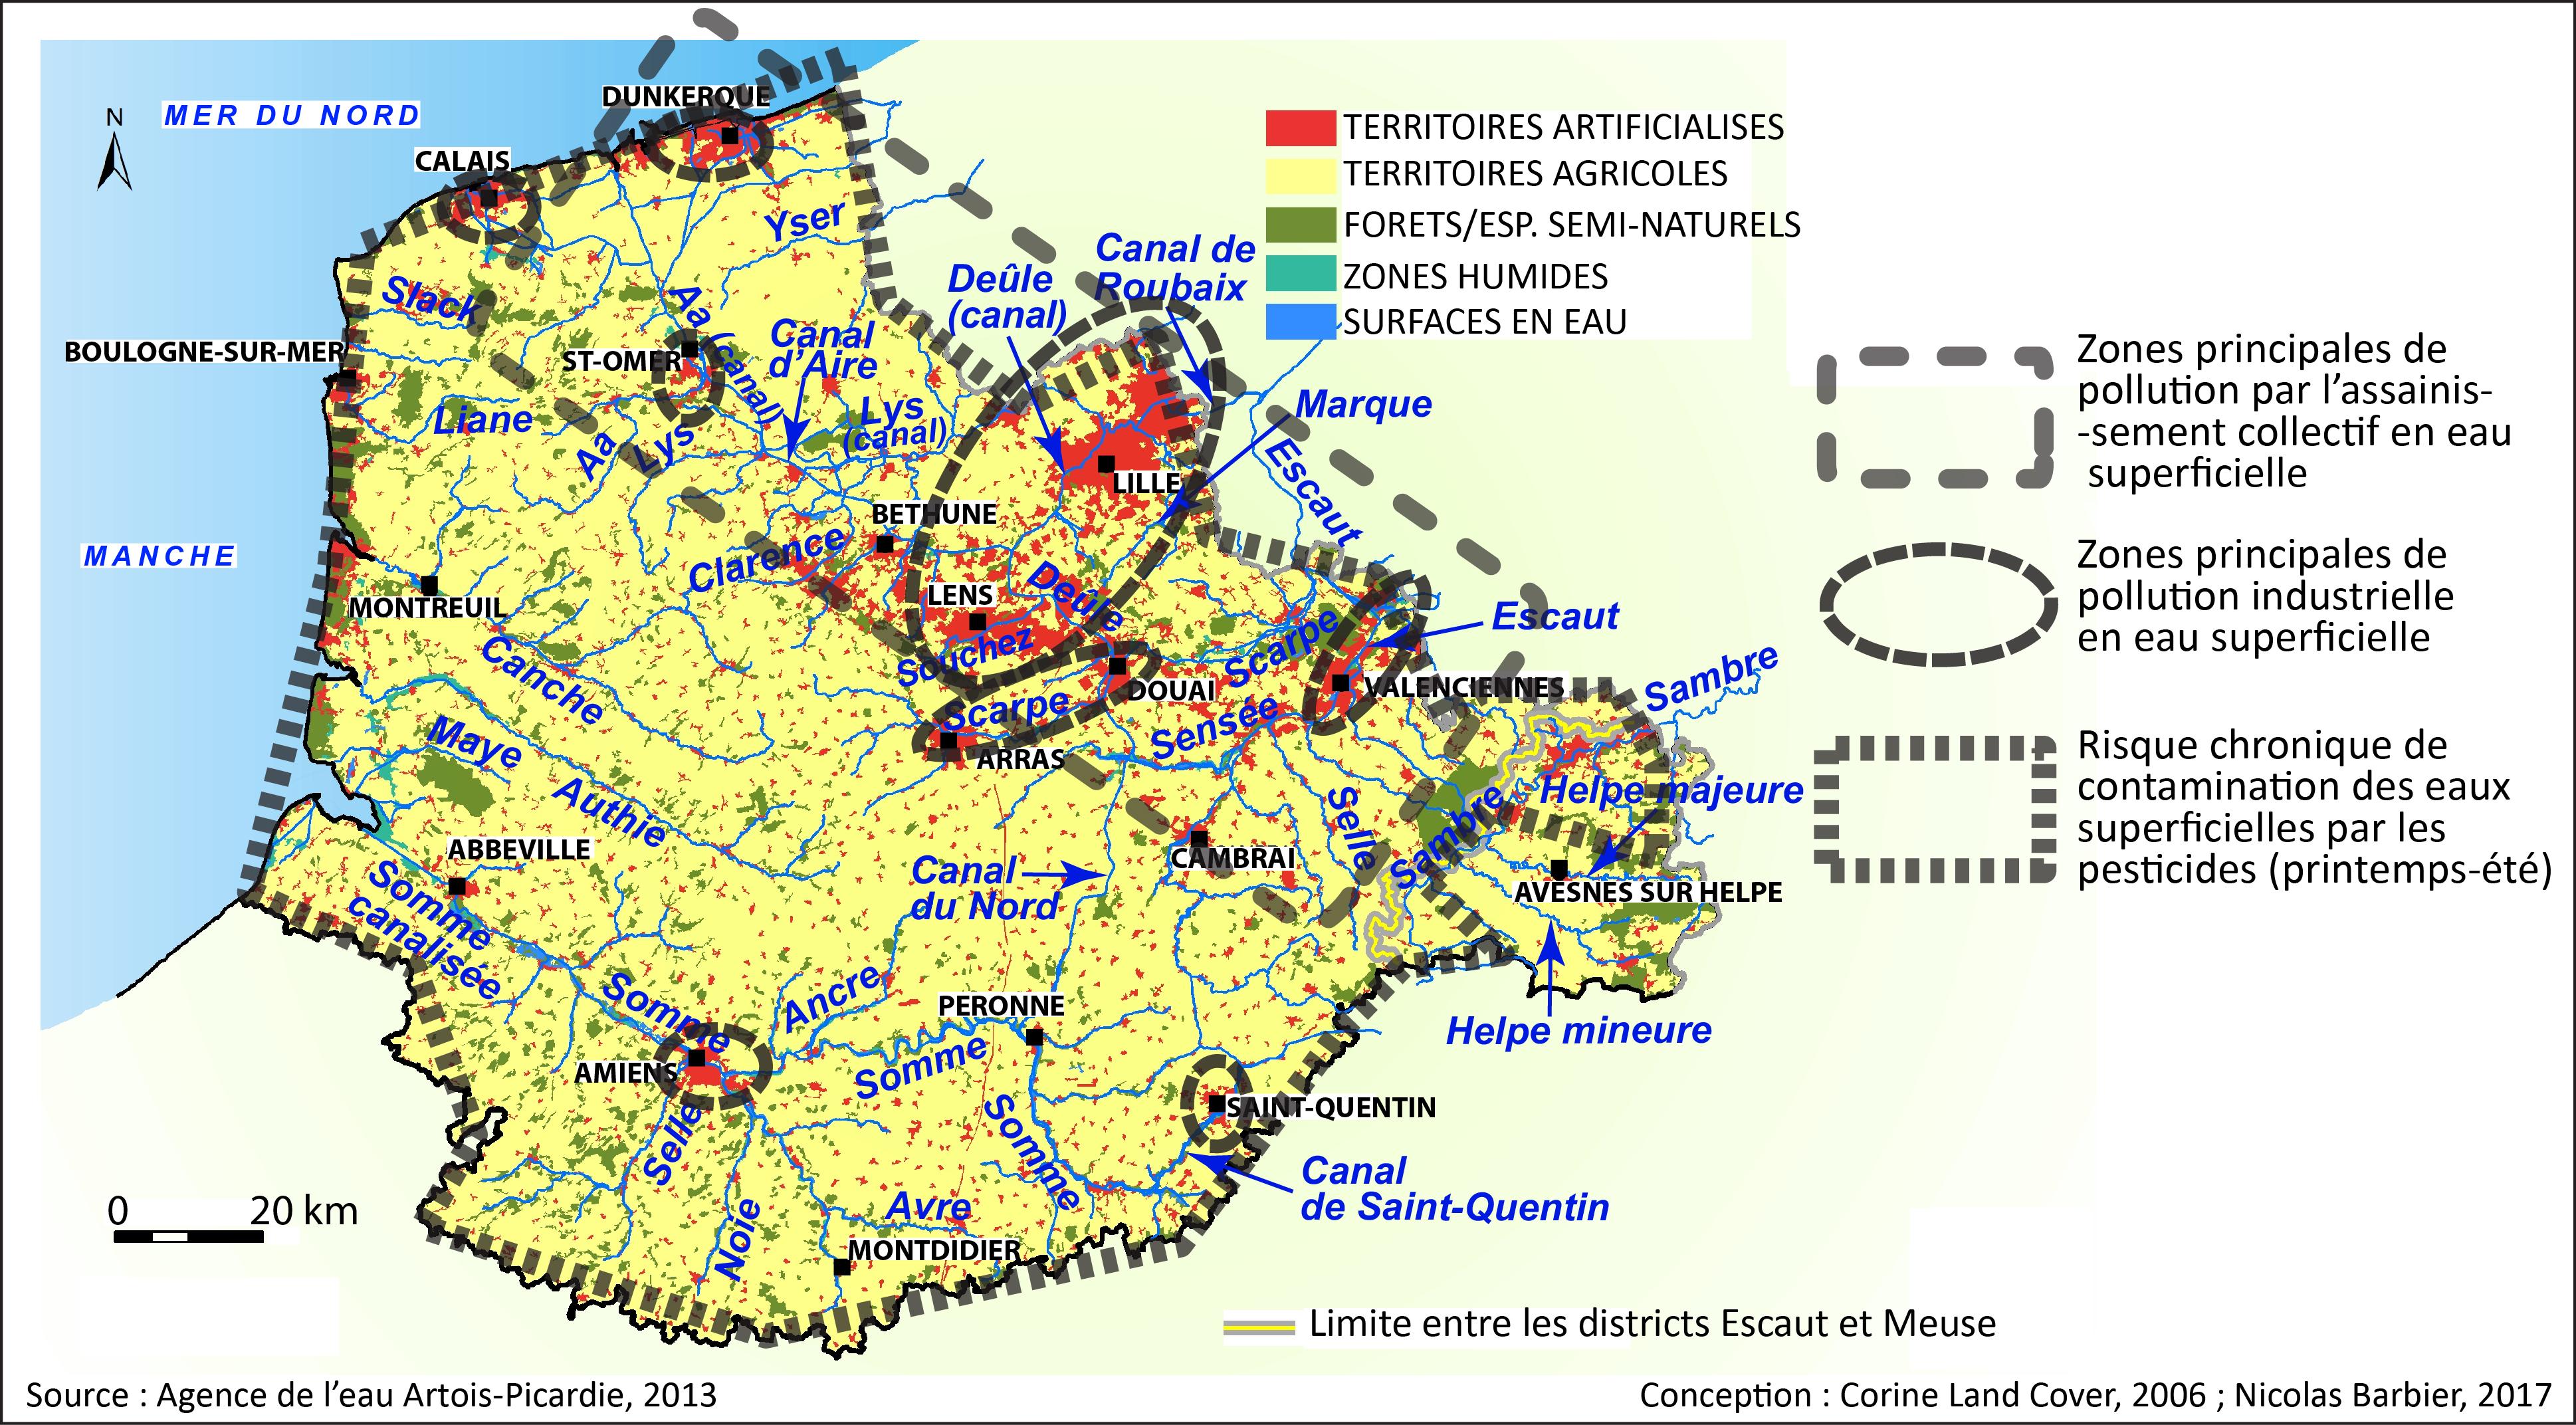 ventdouxprod nicolas barbier pollution eau industrie agriculture assainissement artois-picardie hauts-de-france loi eau milieu aquatique LEMA 2006 directive cadre DCE 2000